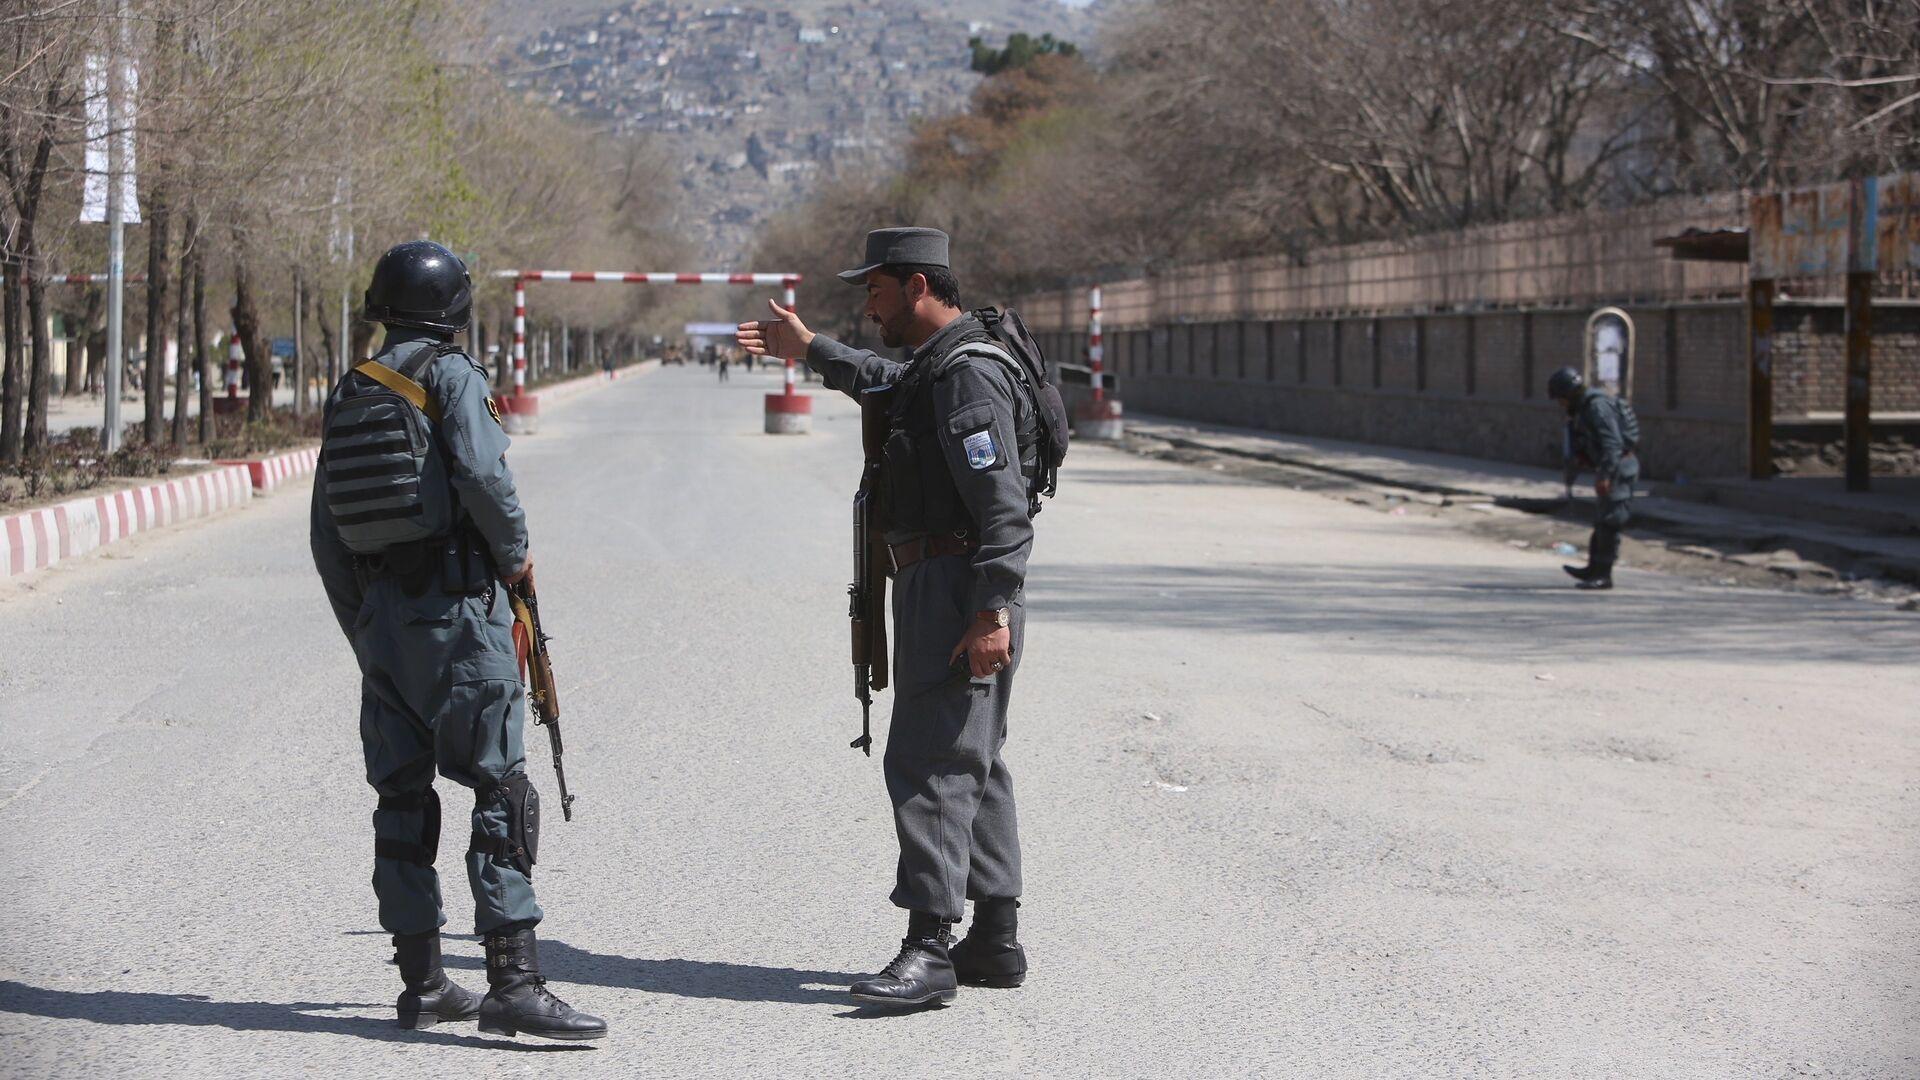 Полиция патрулирует улицы после теракта перед университетом в Кабуле. 21 марта 2018 - РИА Новости, 1920, 18.10.2020